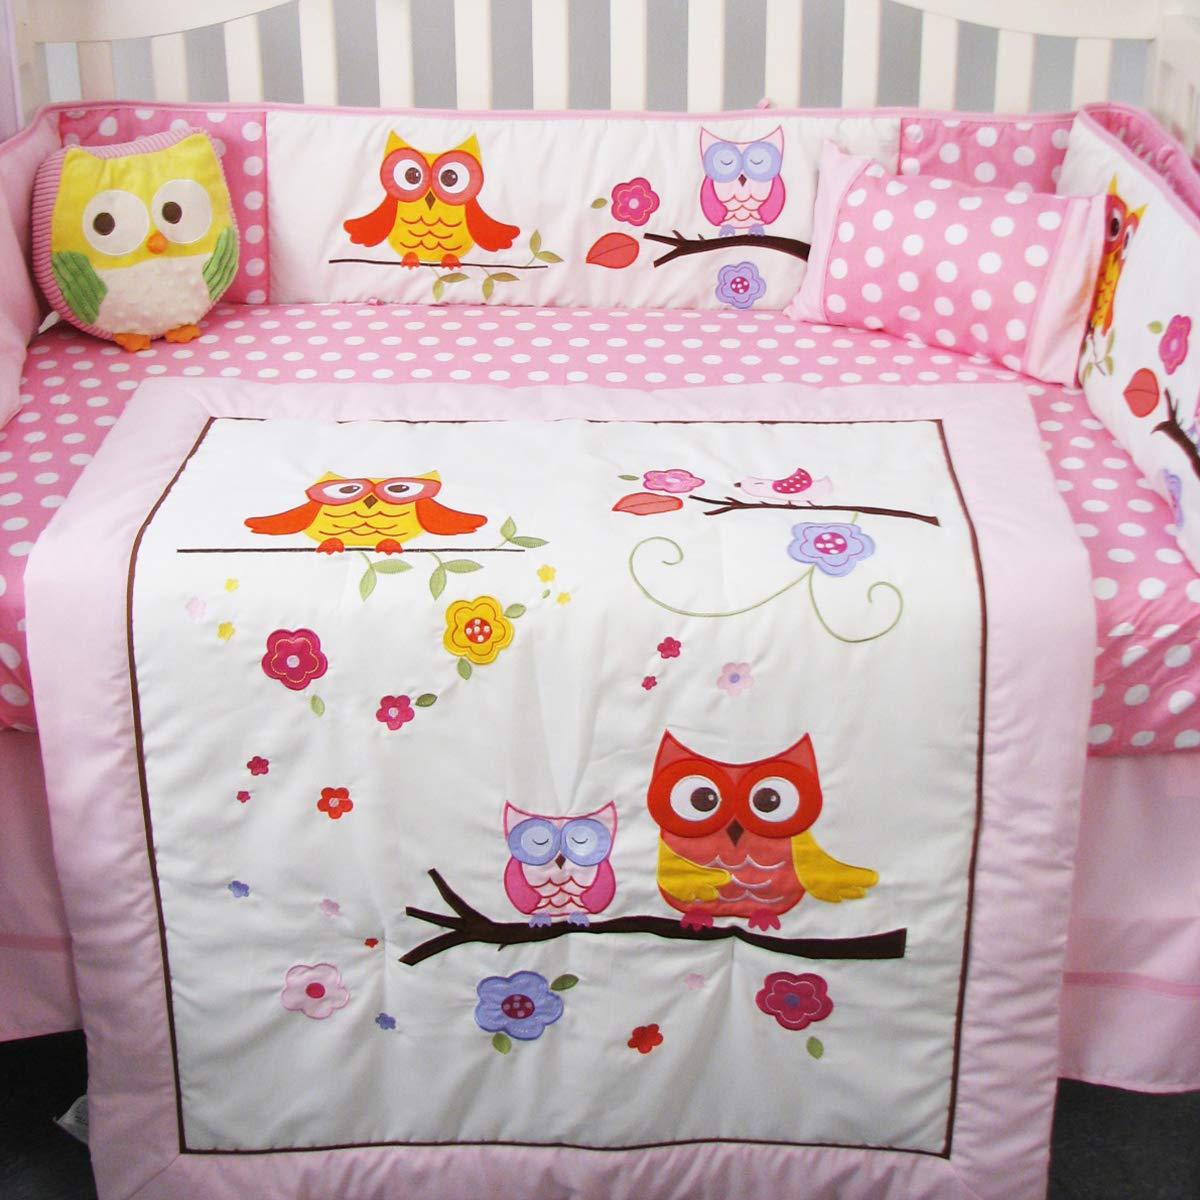 Amazon.com: SoHo - Juego de ropa de cama para cuna de bebé ...